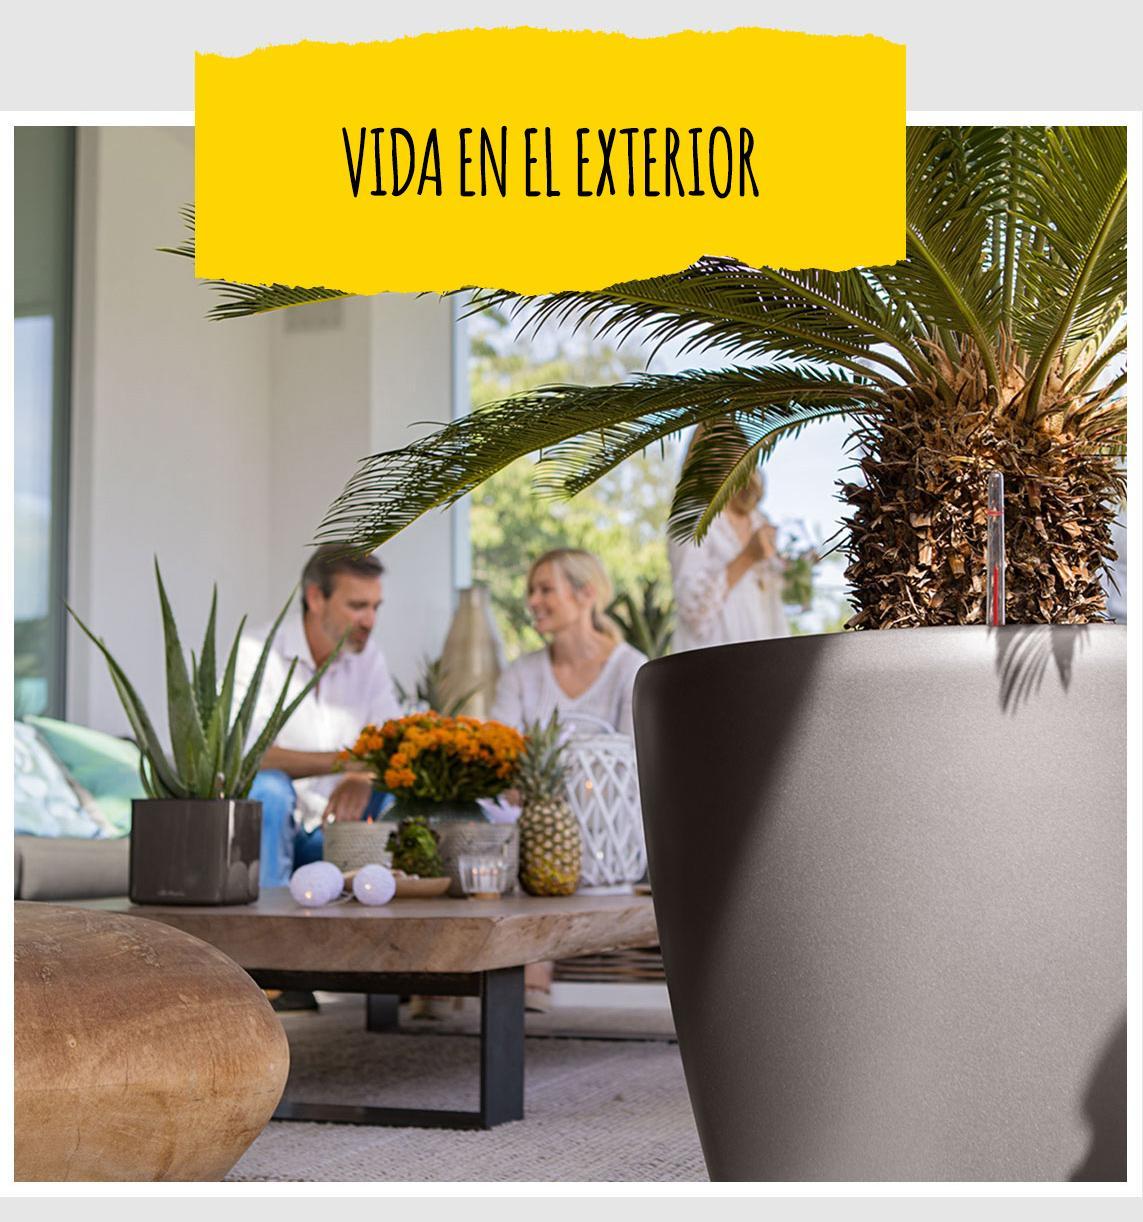 Al fondo puede verse una maceta grande CLASSICO Premium de LECHUZA de color antracita con una palmera. Al fondo pueden verse dos amigos sentados junto a una mesa baja con una bonita decoración.